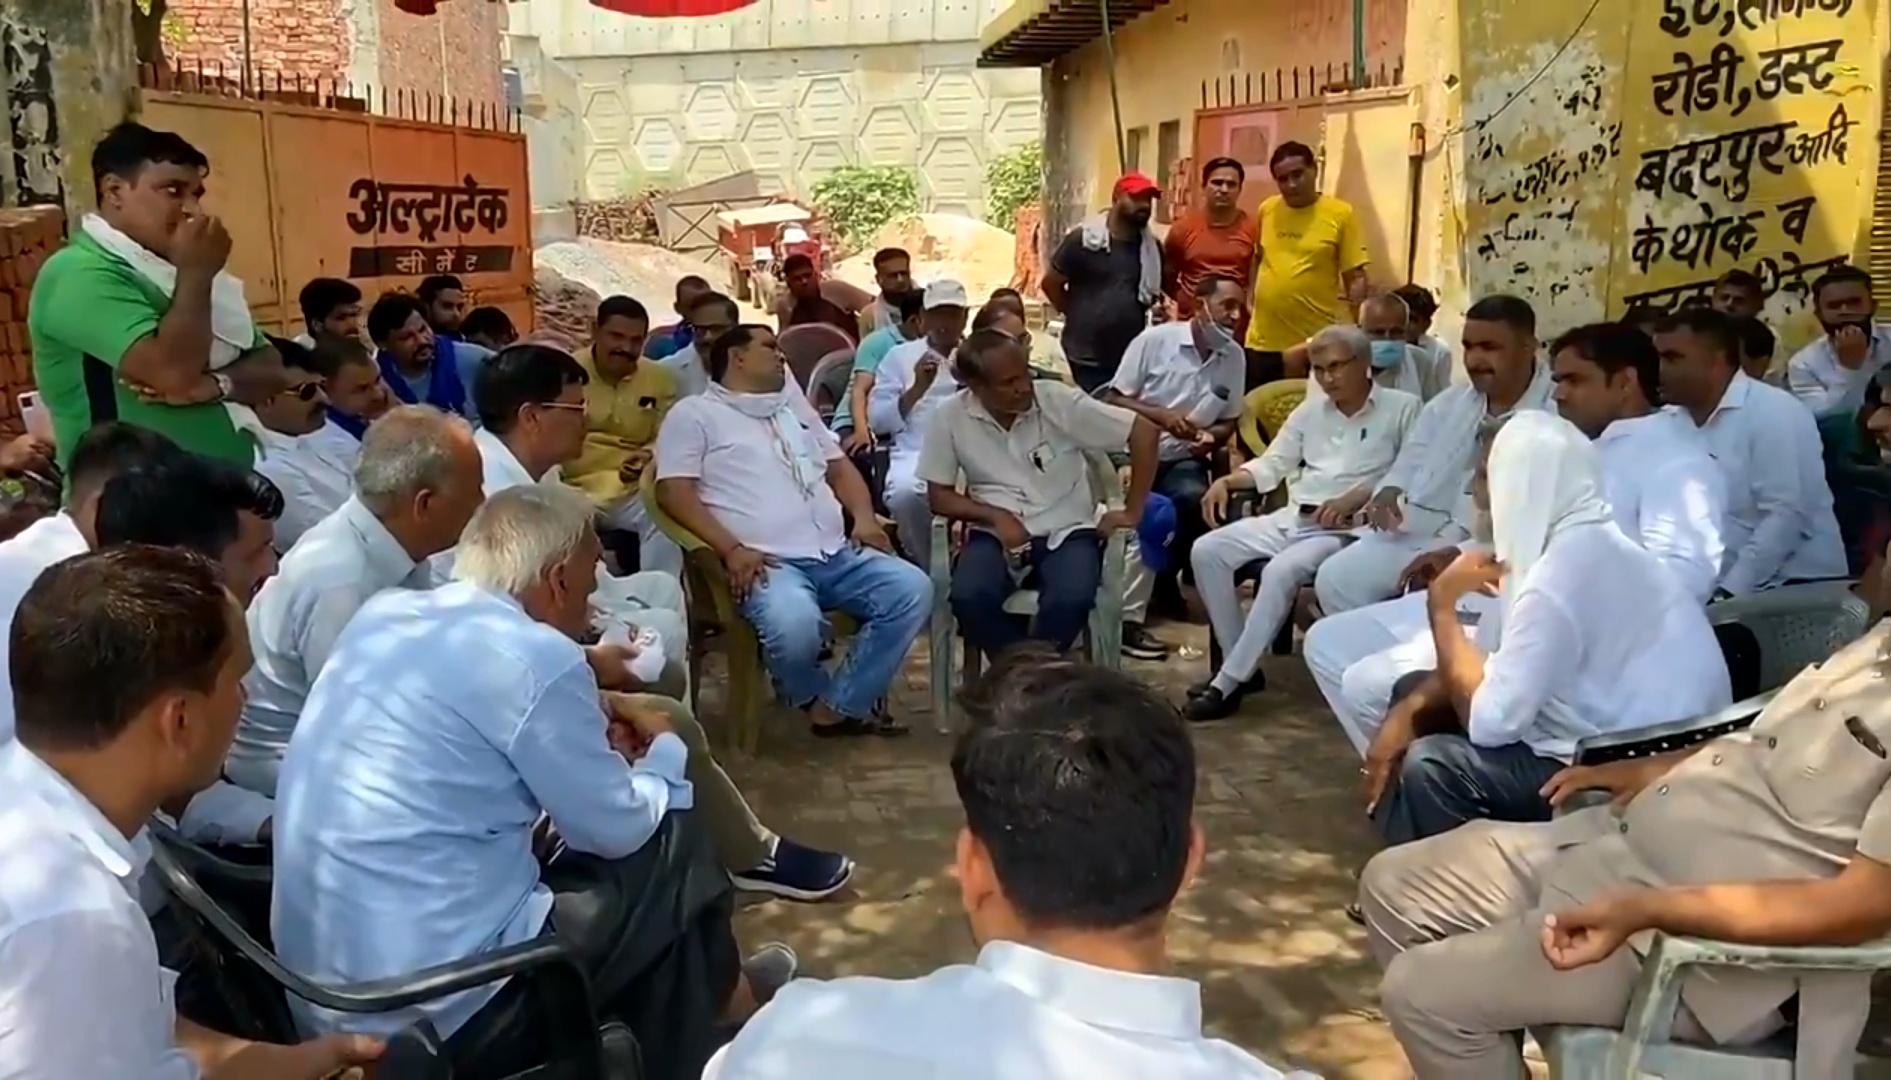 दिल्ली-मेरठ एक्सप्रेस-वे से रास्ता नहीं देने पर बुलाई पंचायत, वादाखिलाफी के बाद लोगों में आक्रोश; आंदोलन का ऐलान|गाजियाबाद,Ghaziabad - Dainik Bhaskar